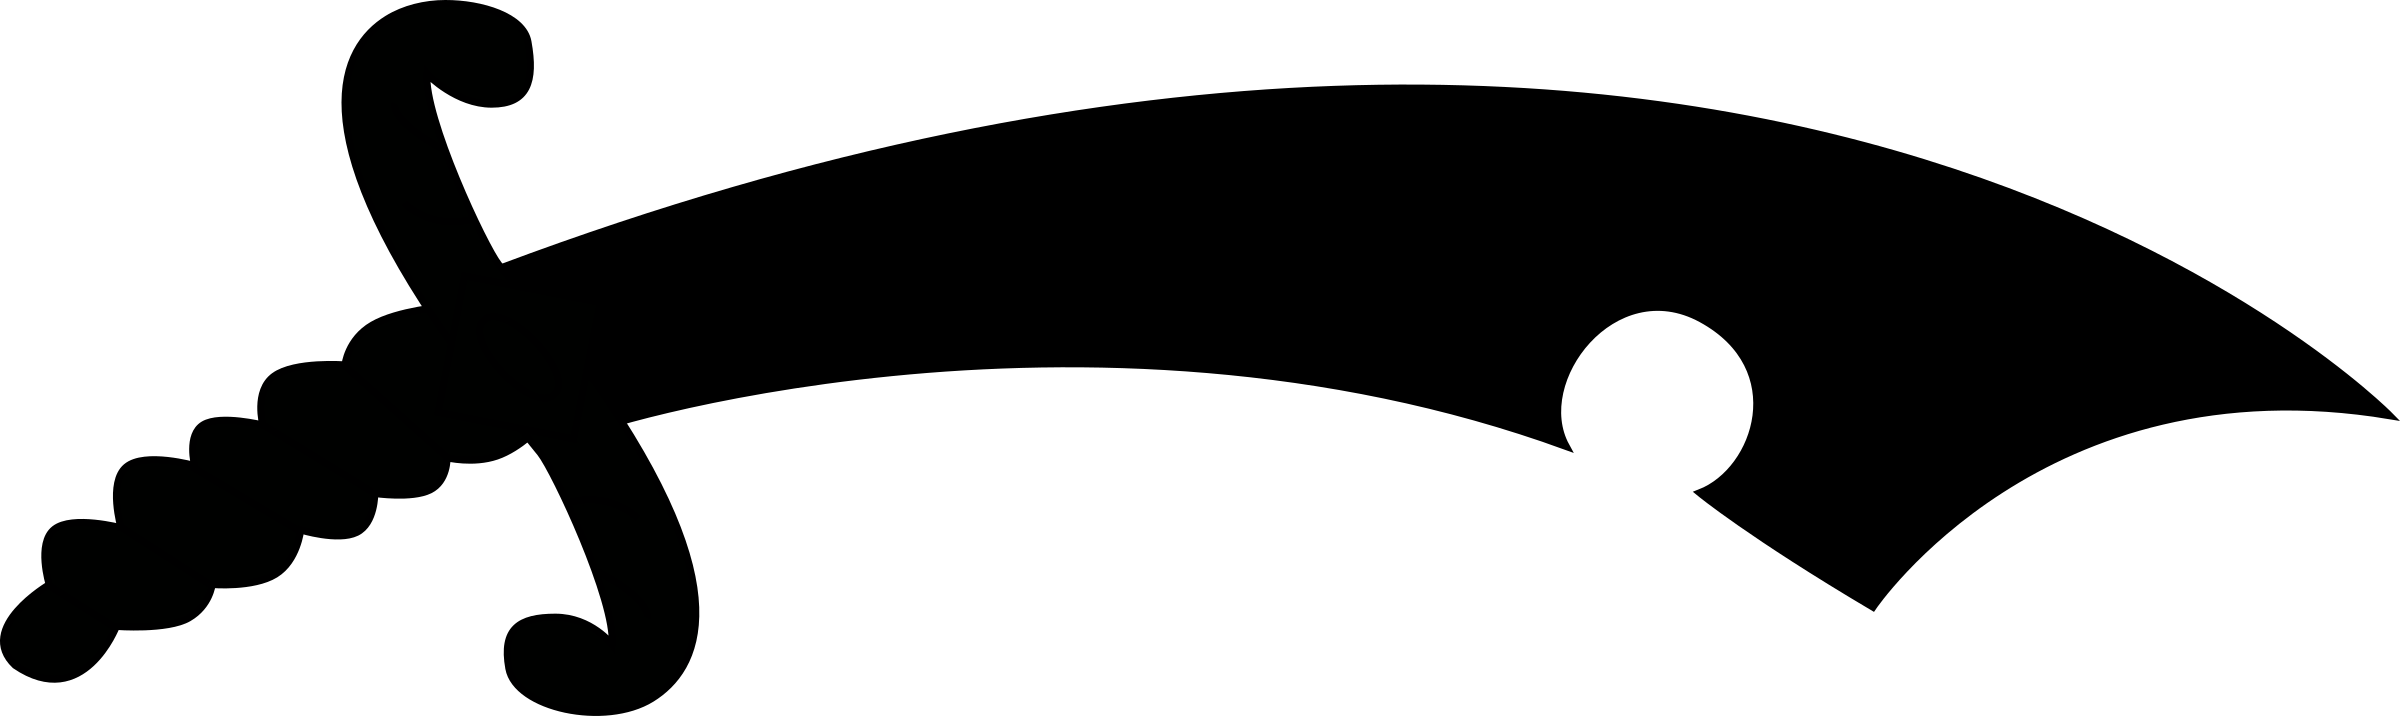 Clipart sword silhouette. Saxon seaxe big image